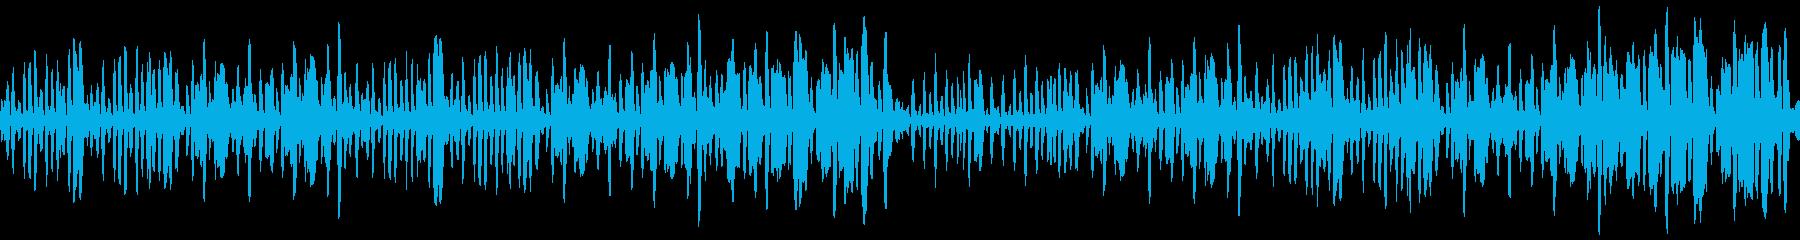 リコーダーの元気で可愛い曲2_ループの再生済みの波形